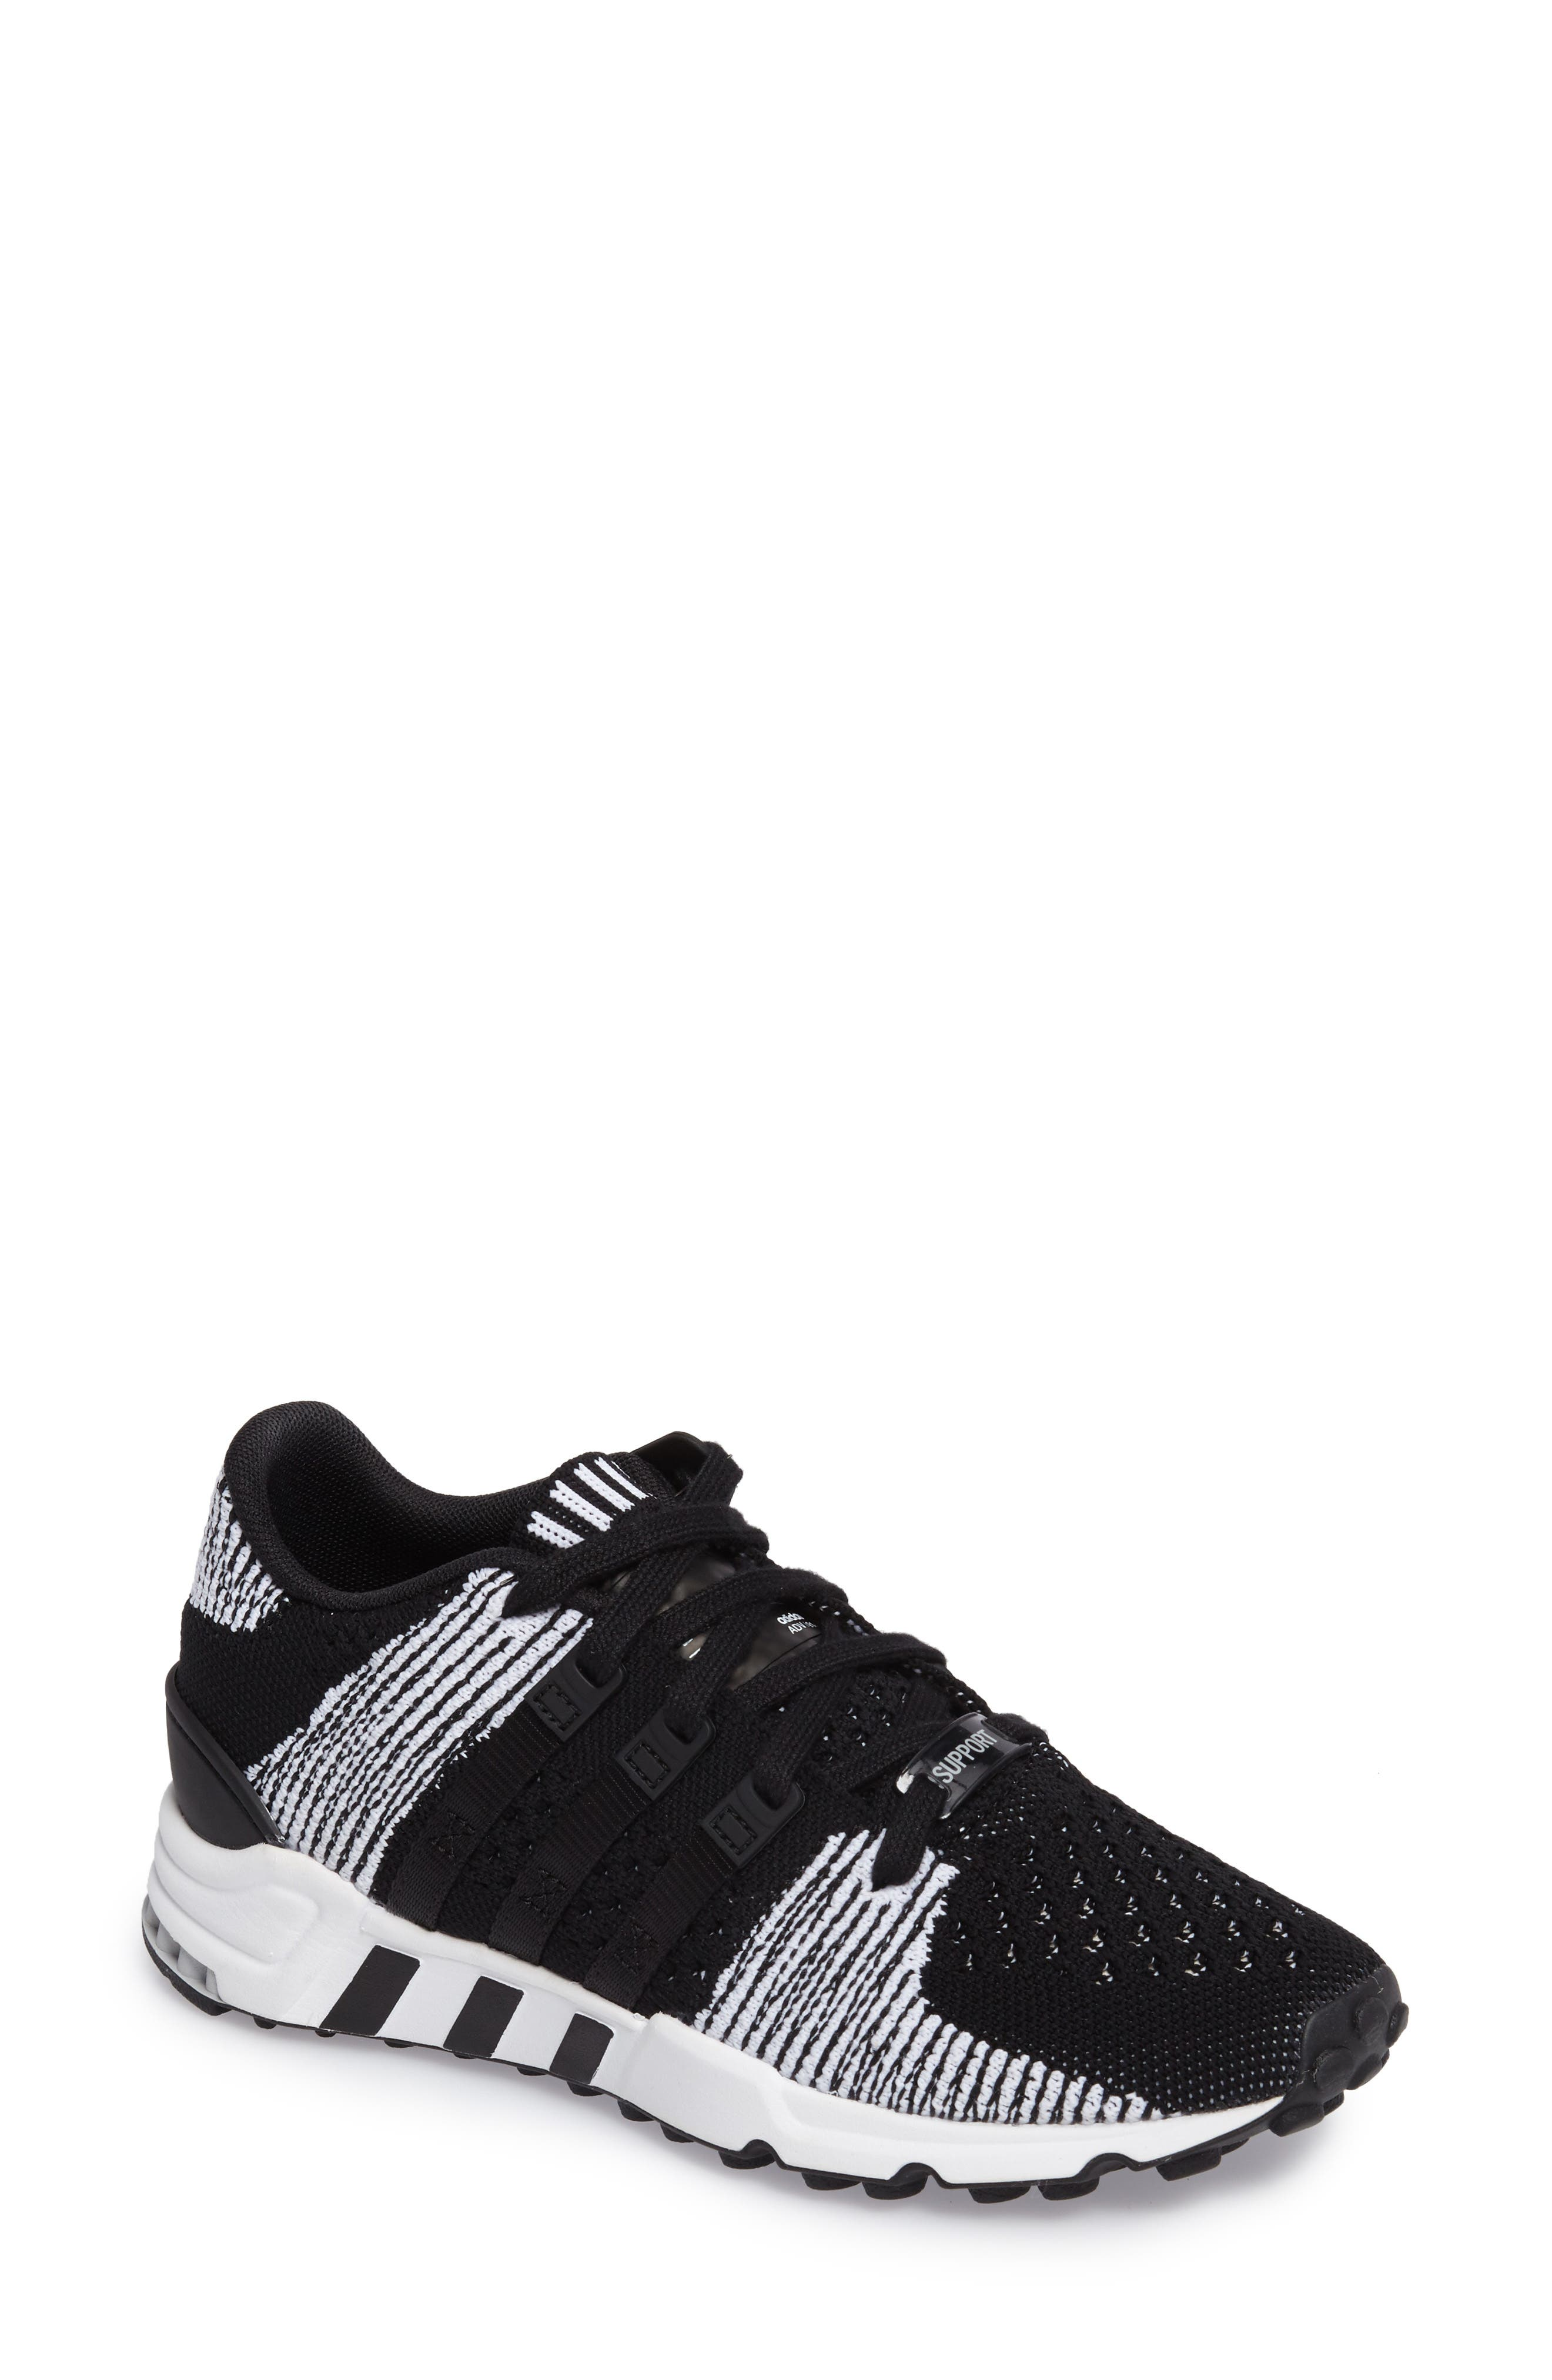 adidas EQT Support RF PK Sneaker (Women)